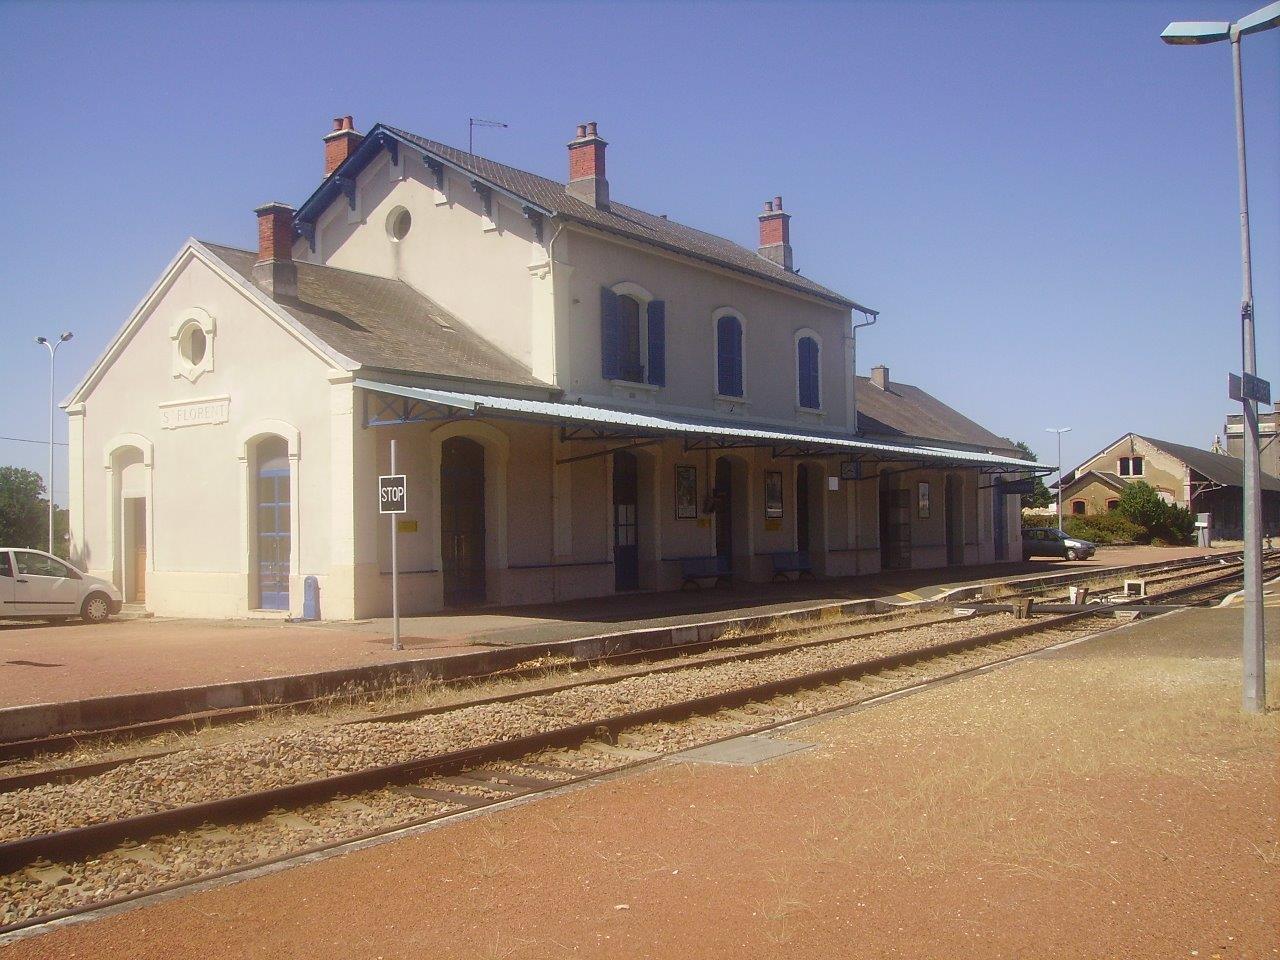 gare-de-saint-florent-sur-cher-train-station